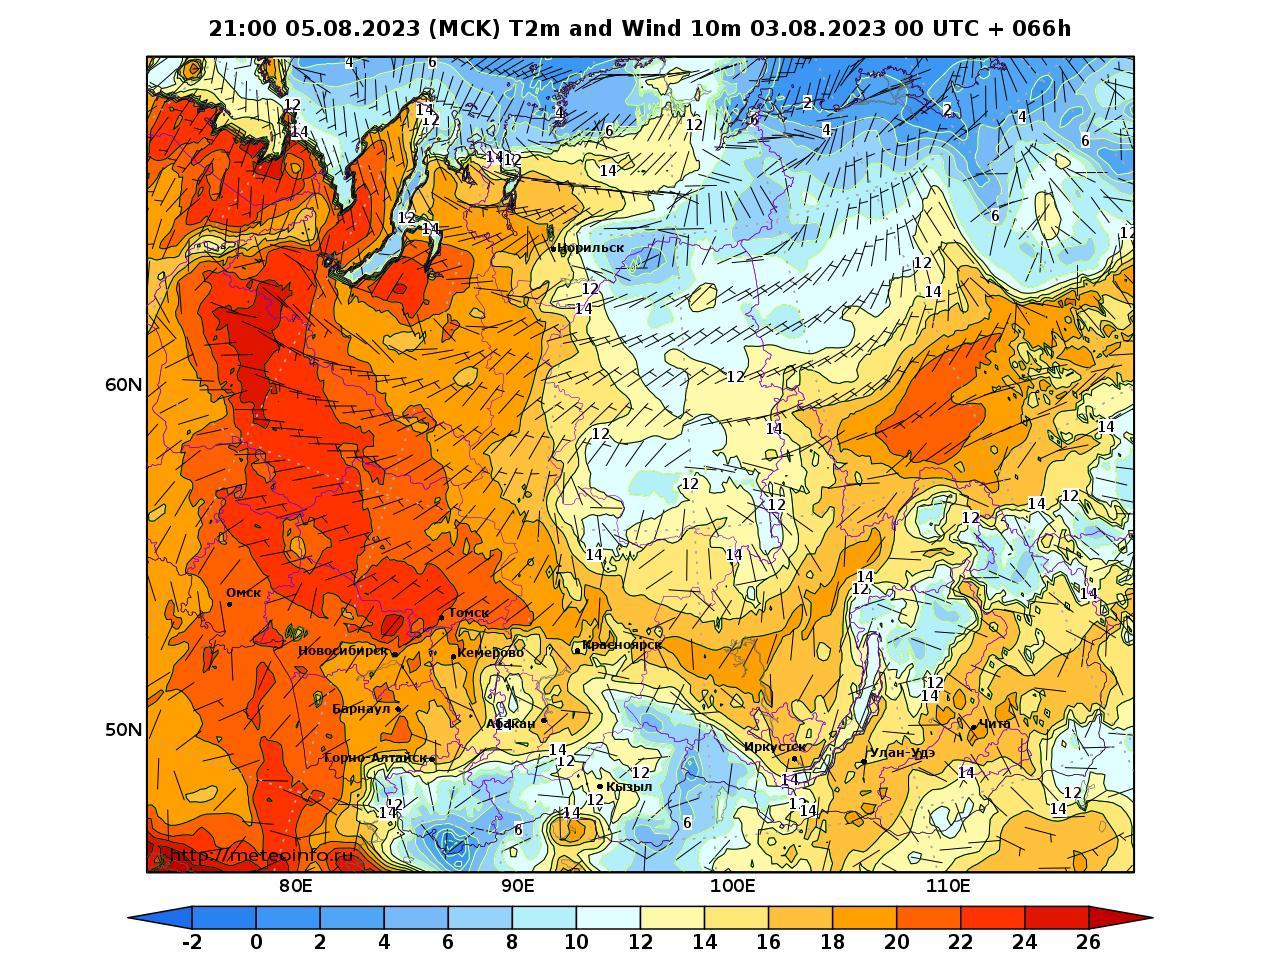 Сибирский Федеральный округ, прогностическая карта приземная температура, заблаговременность прогноза 66 часов